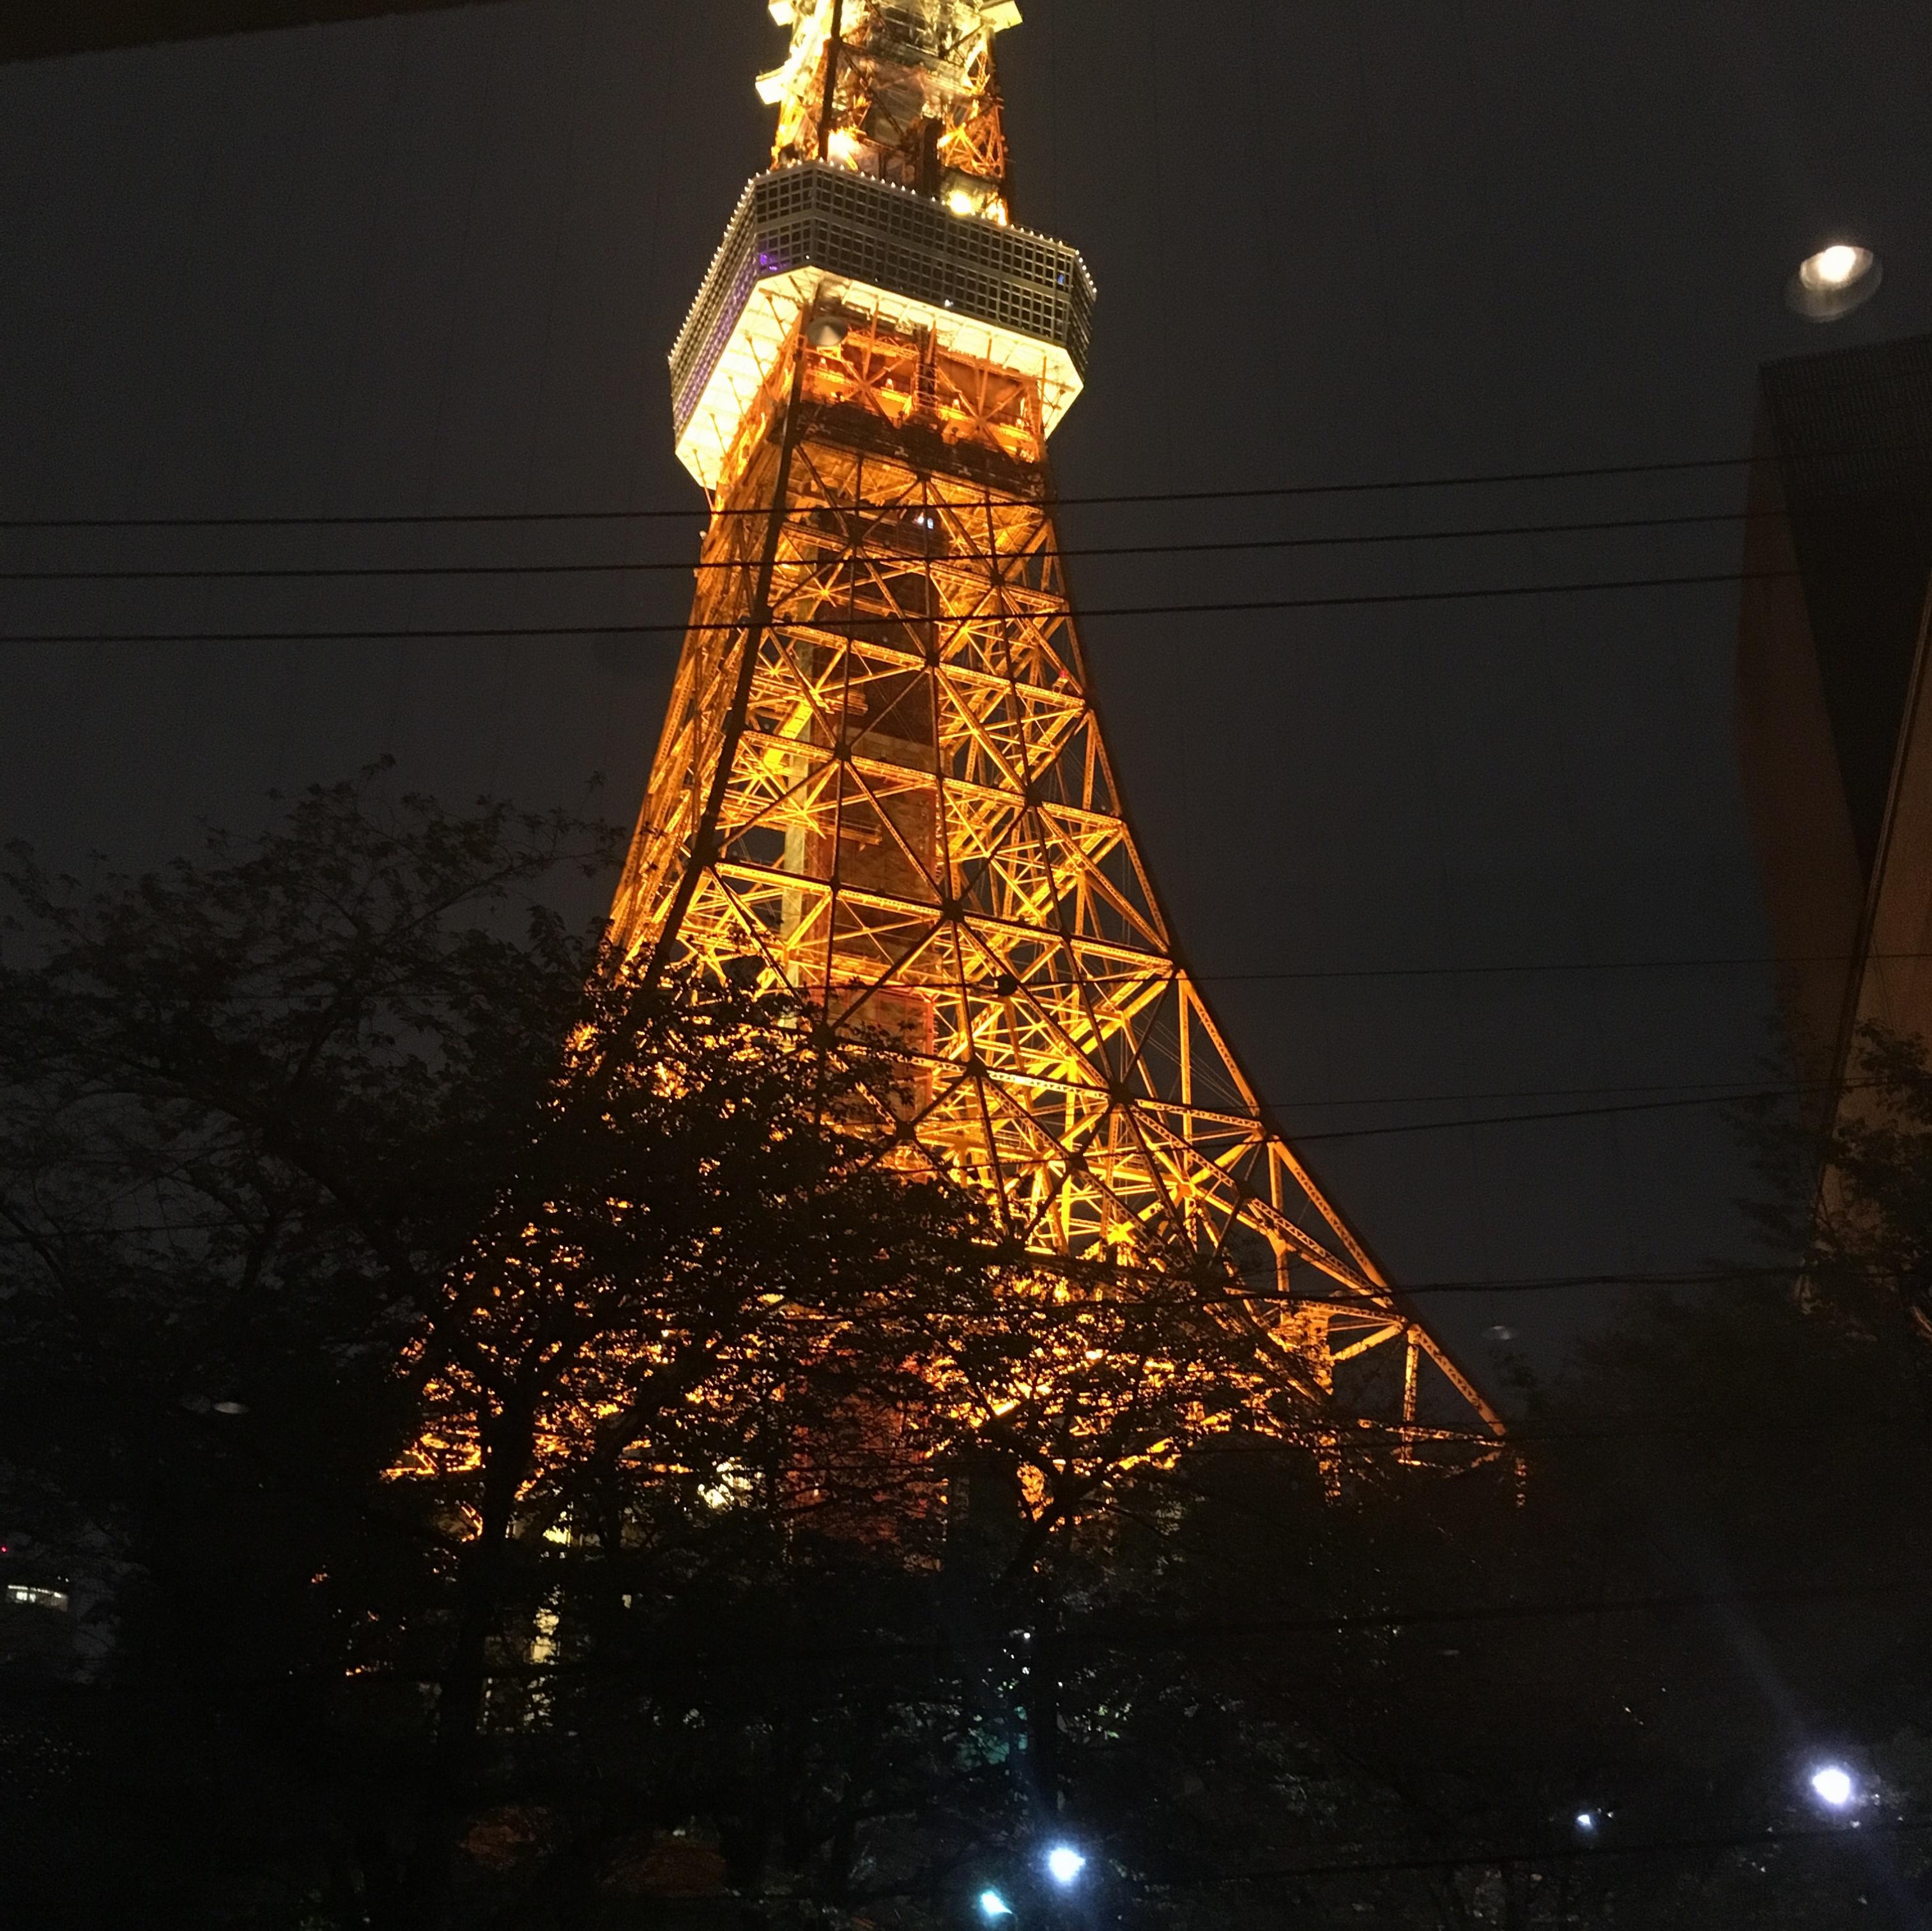 ごほうびごはんに!東京タワーの真下でディナー( ^ω^ )_1